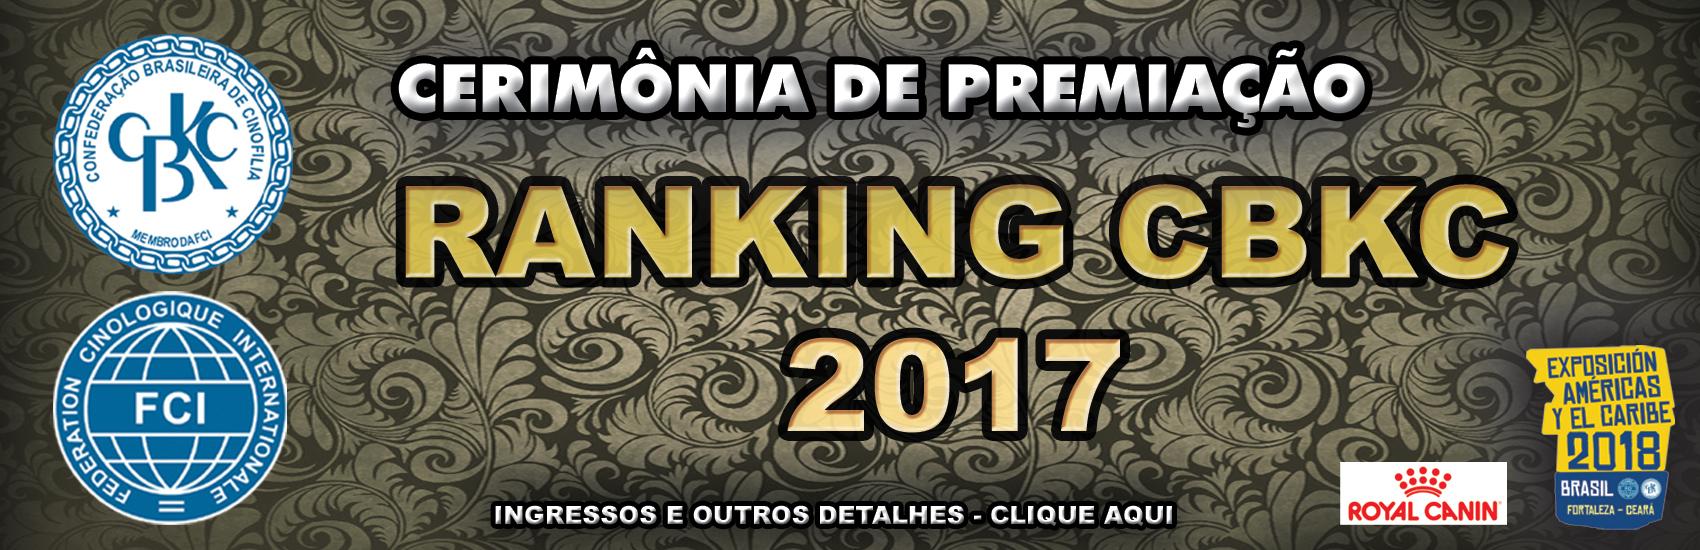 Cerimônia de Premiação Ranking 2018